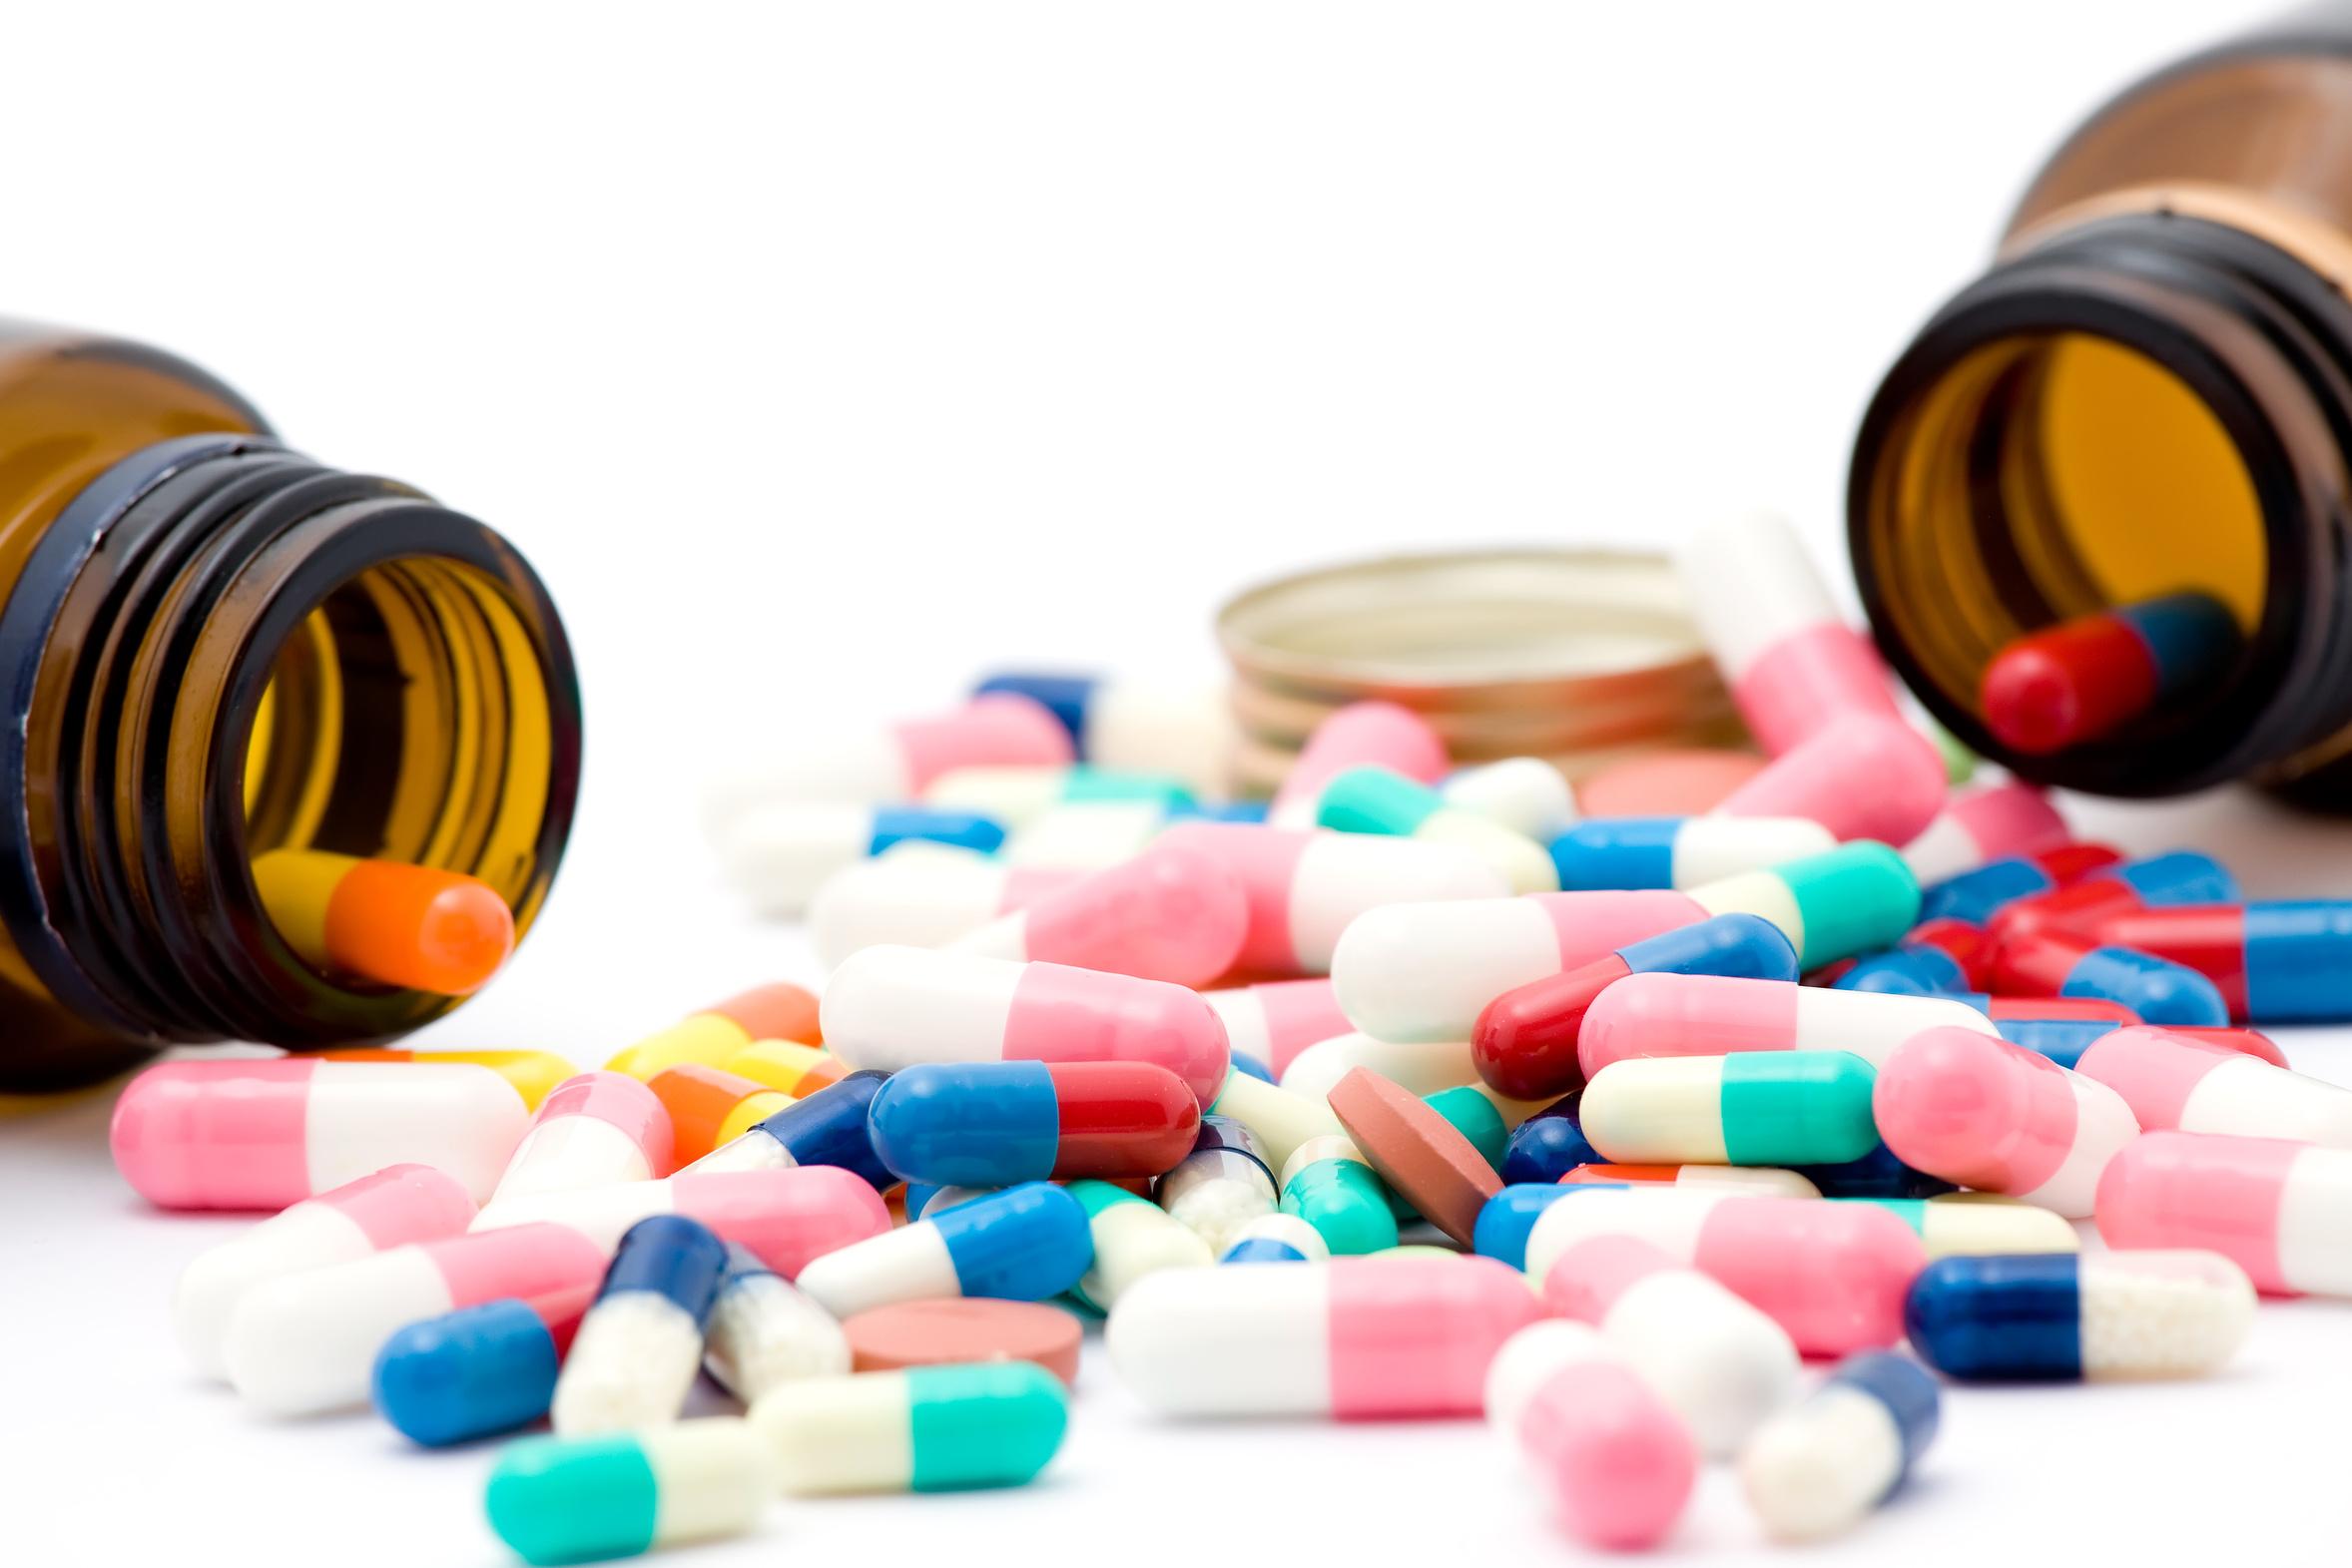 نتيجة بحث الصور عن الاردوية و العقاقير